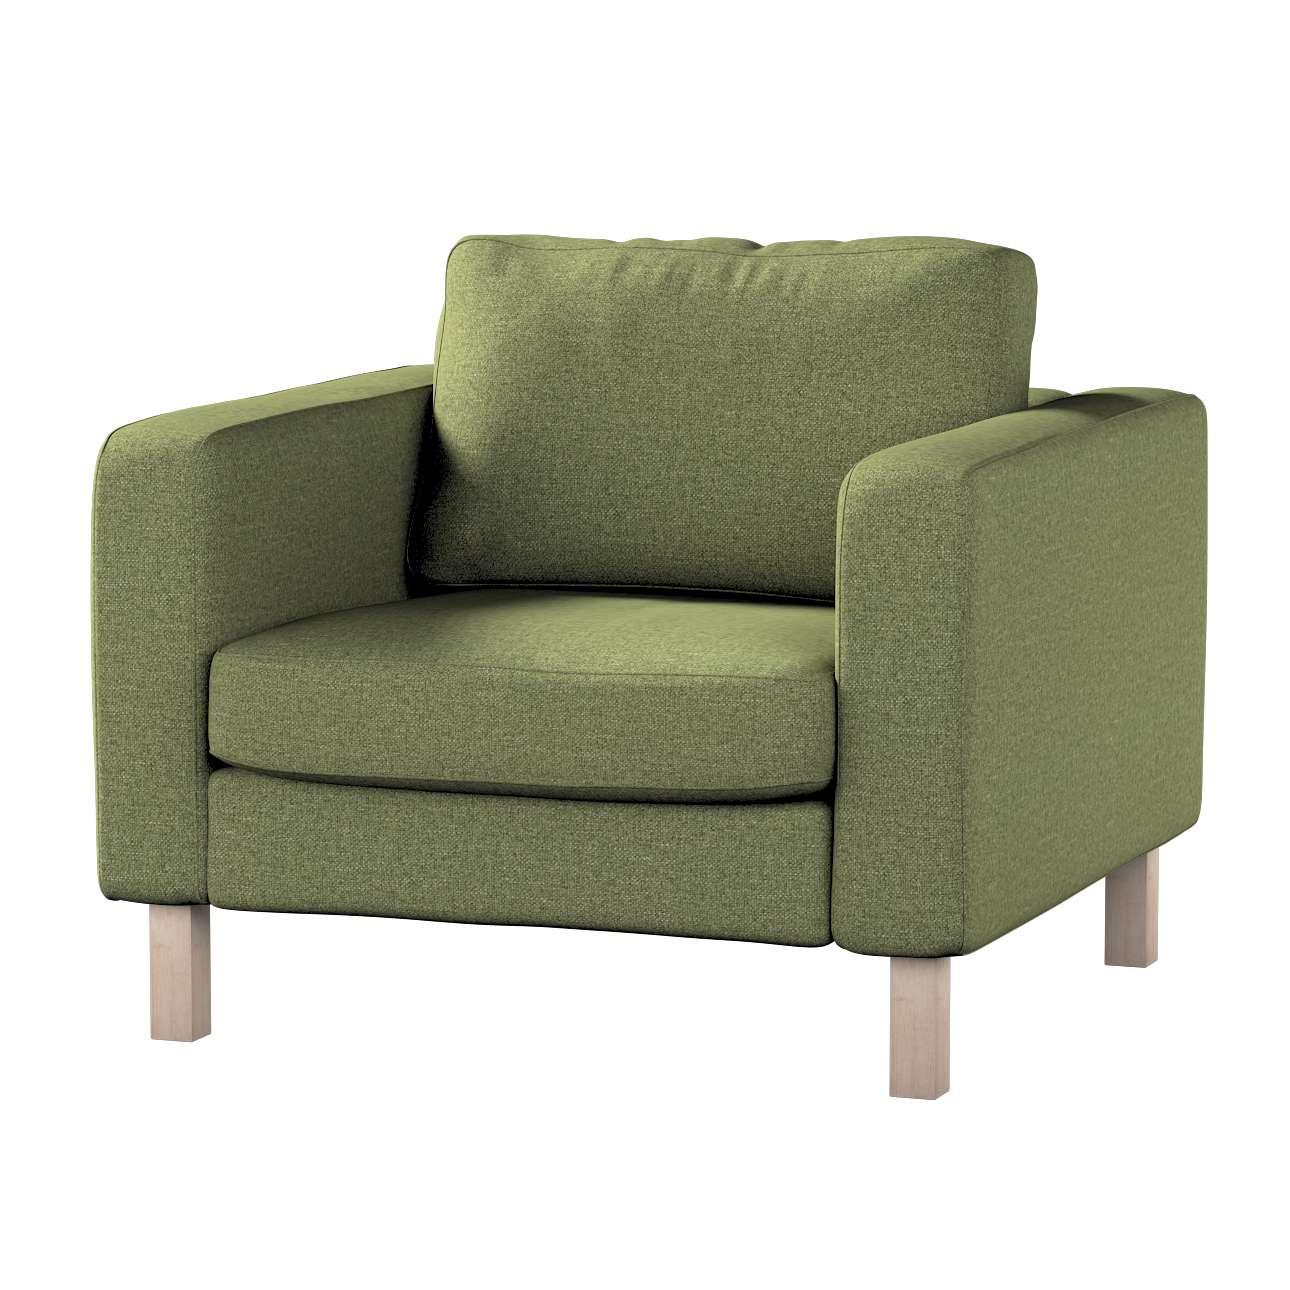 Pokrowiec na fotel Karlstad, krótki w kolekcji Madrid, tkanina: 161-22